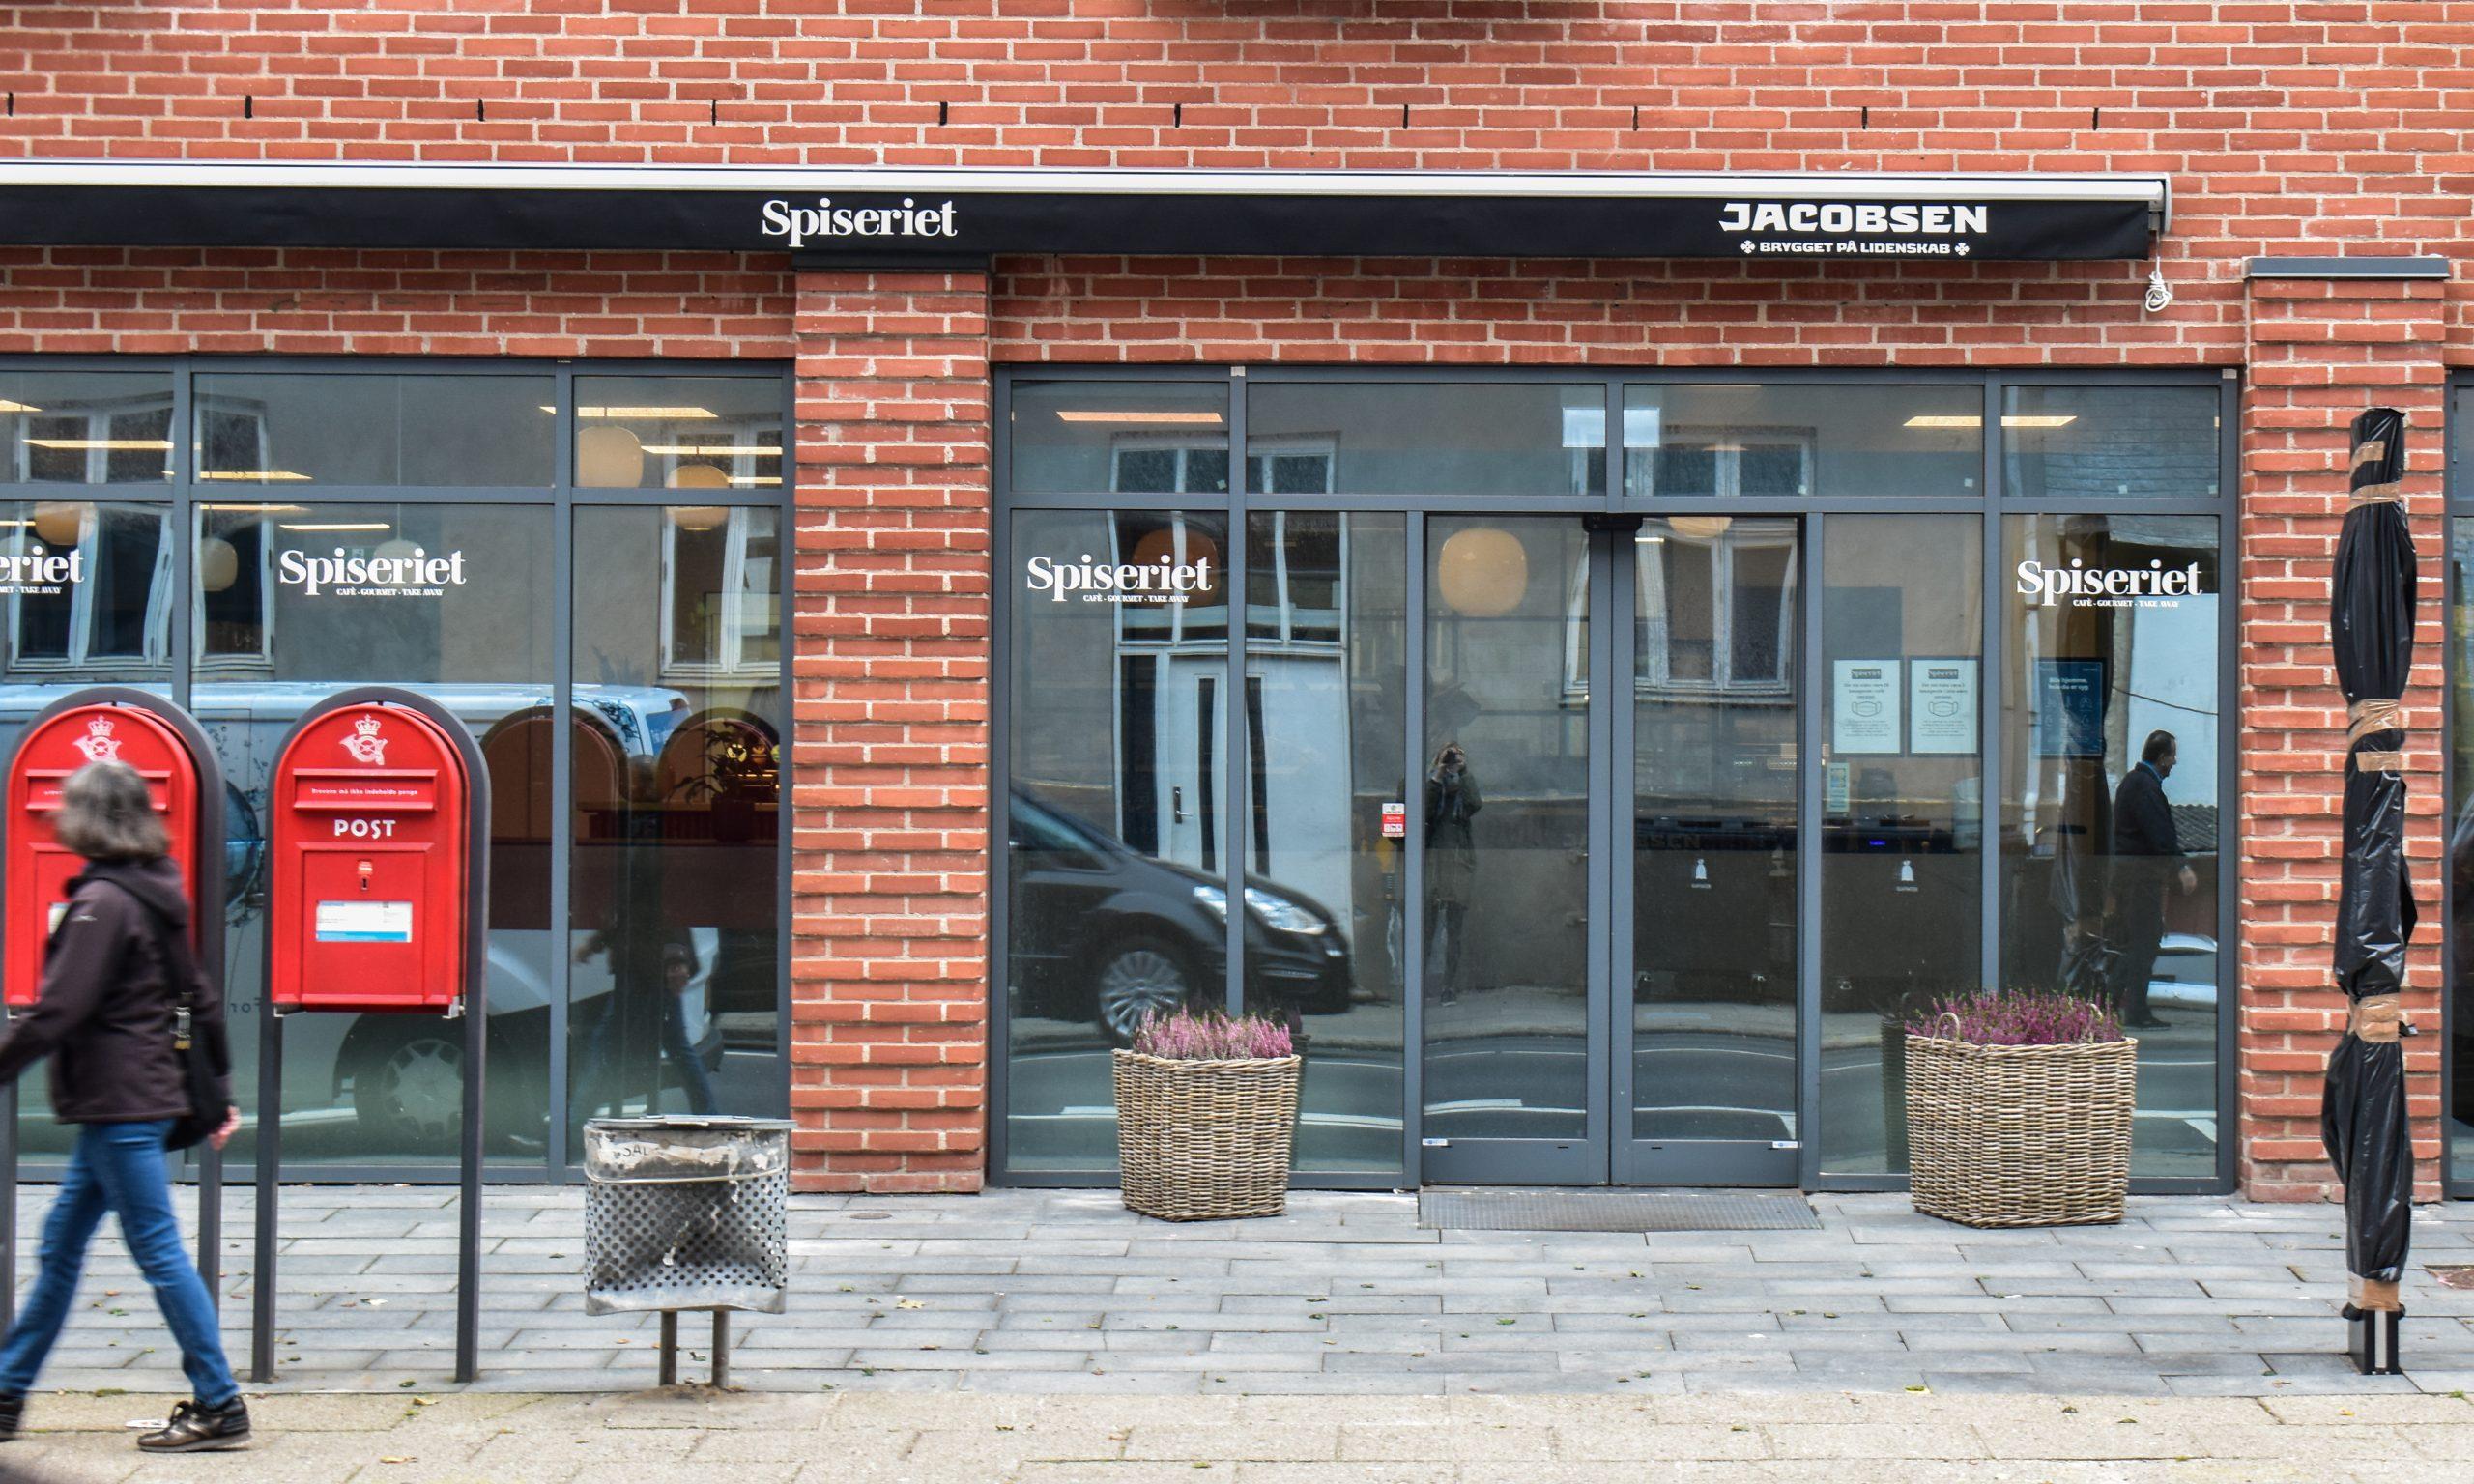 Et succesfuldt år i Vejgaard: Spiseriet fejrer fødselsdag med nyt menukort